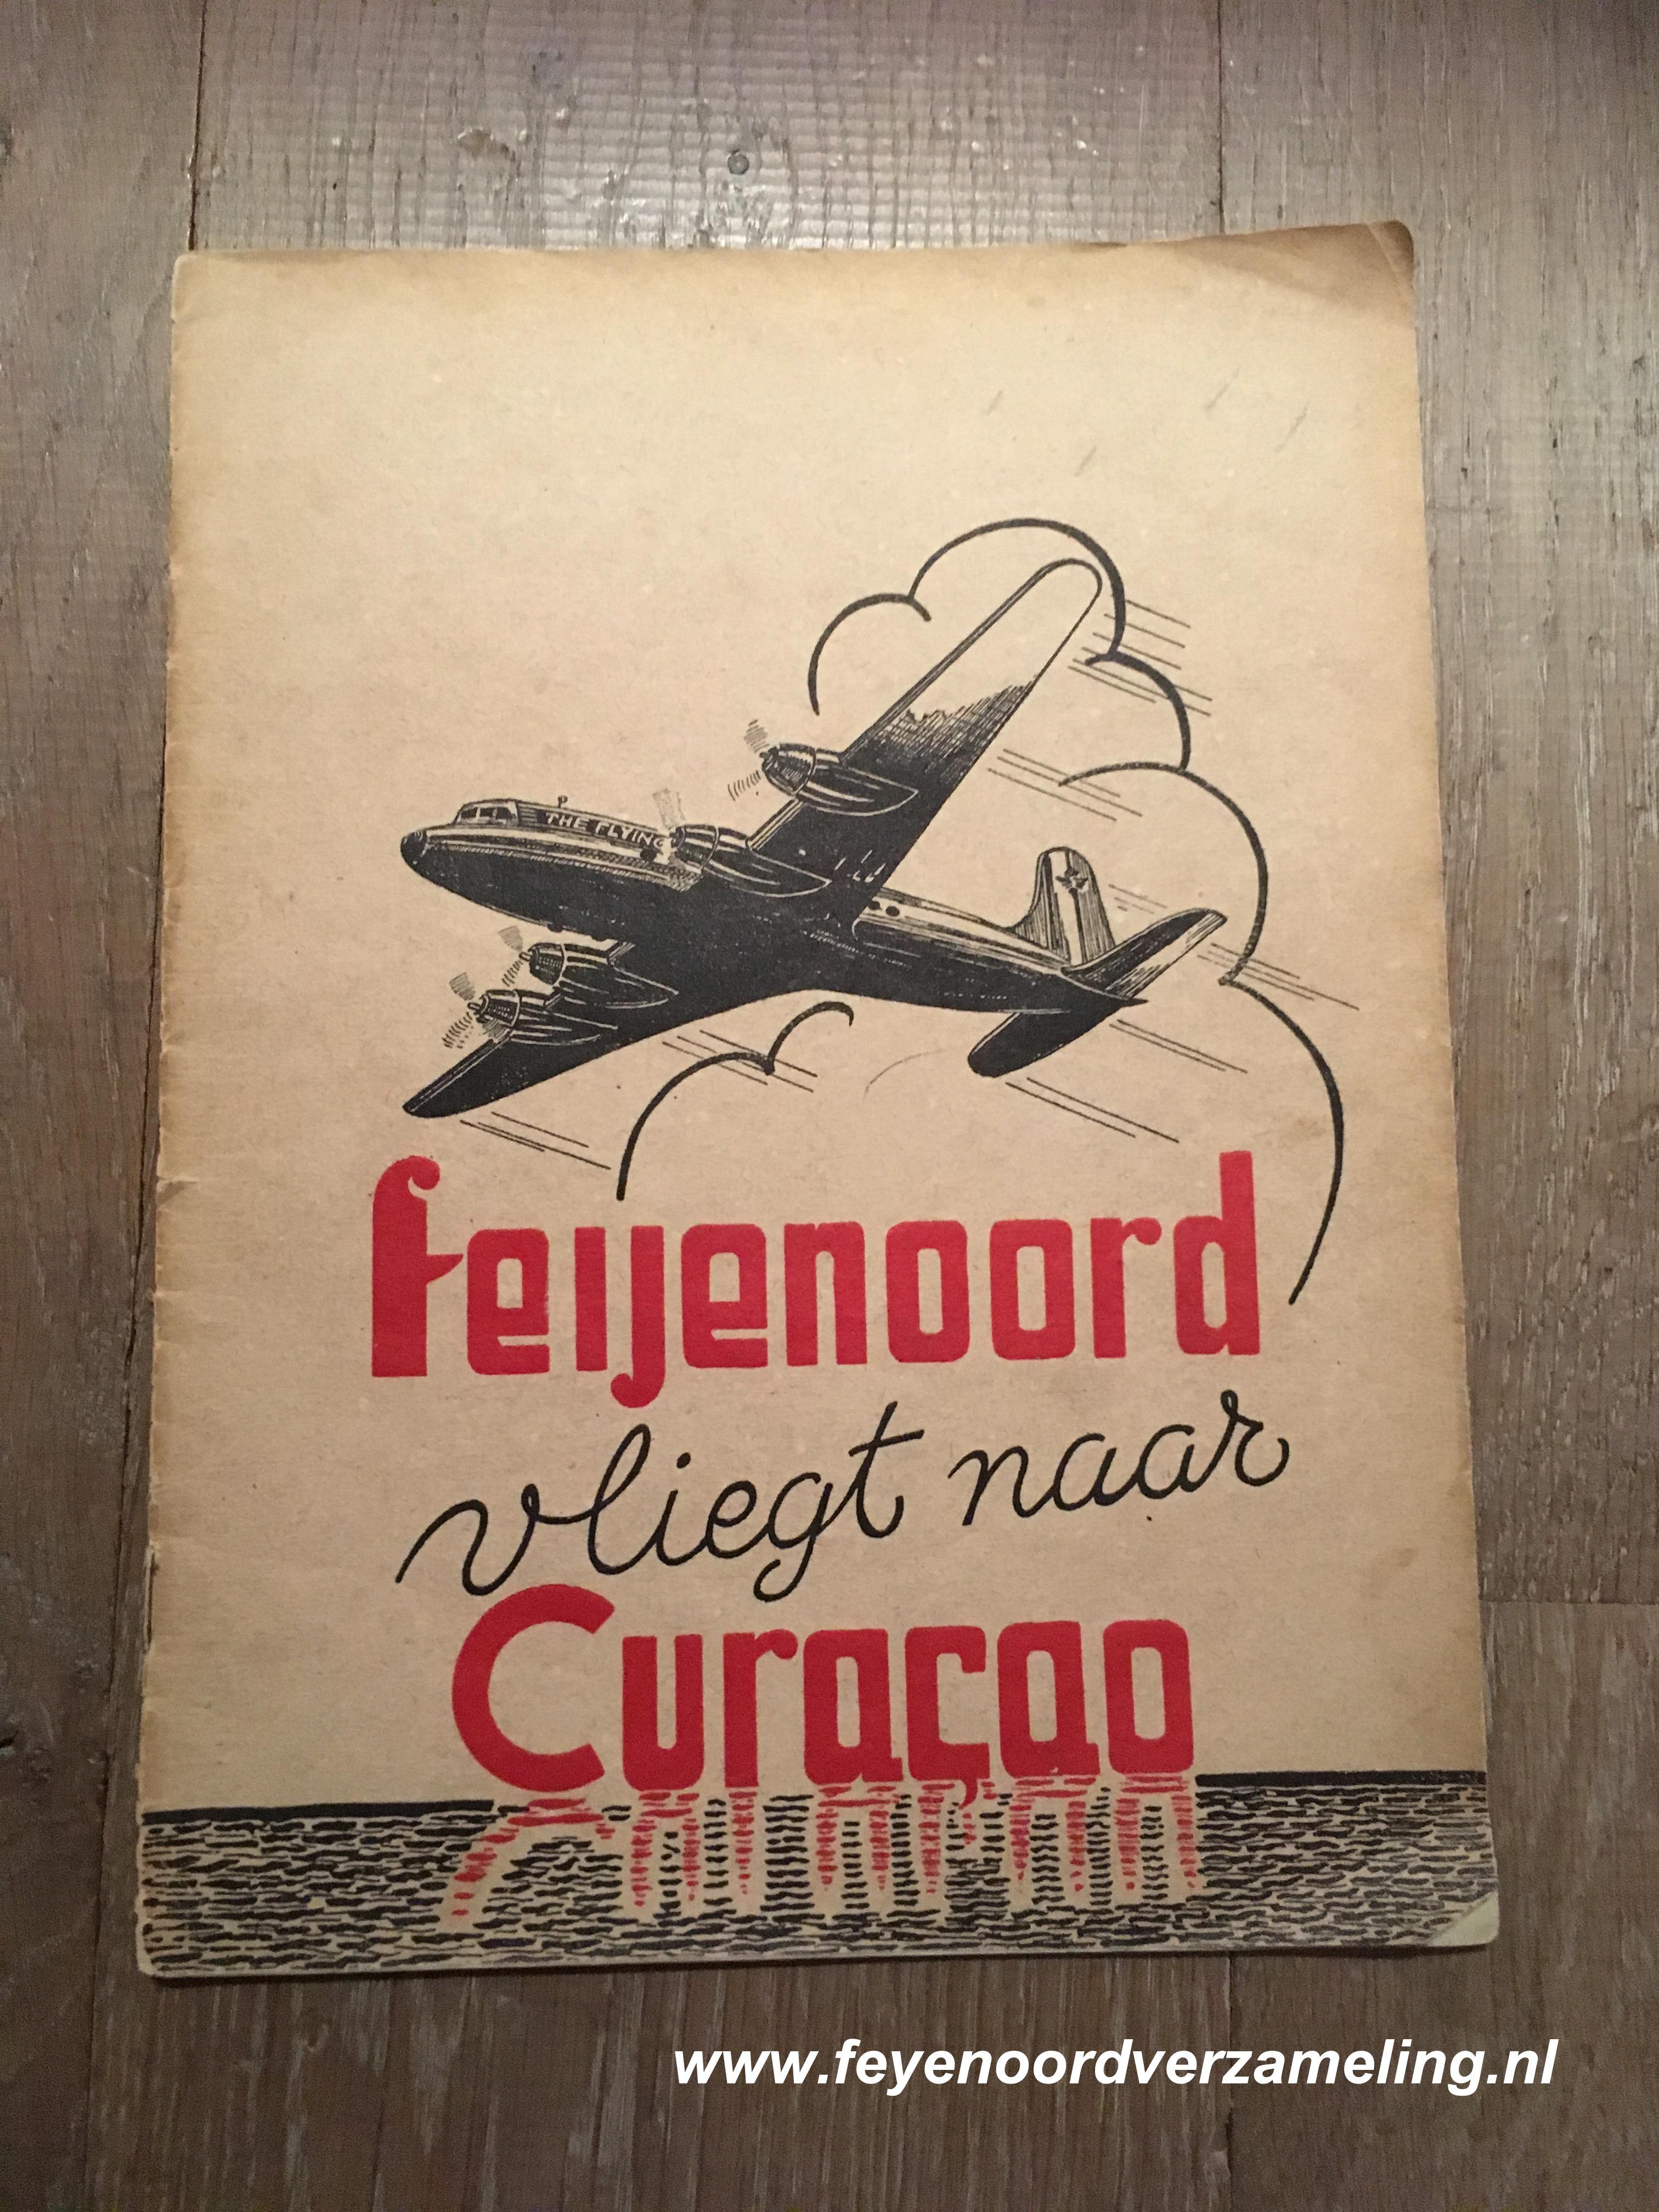 Feijenoord vliegt naar Curacao 1946